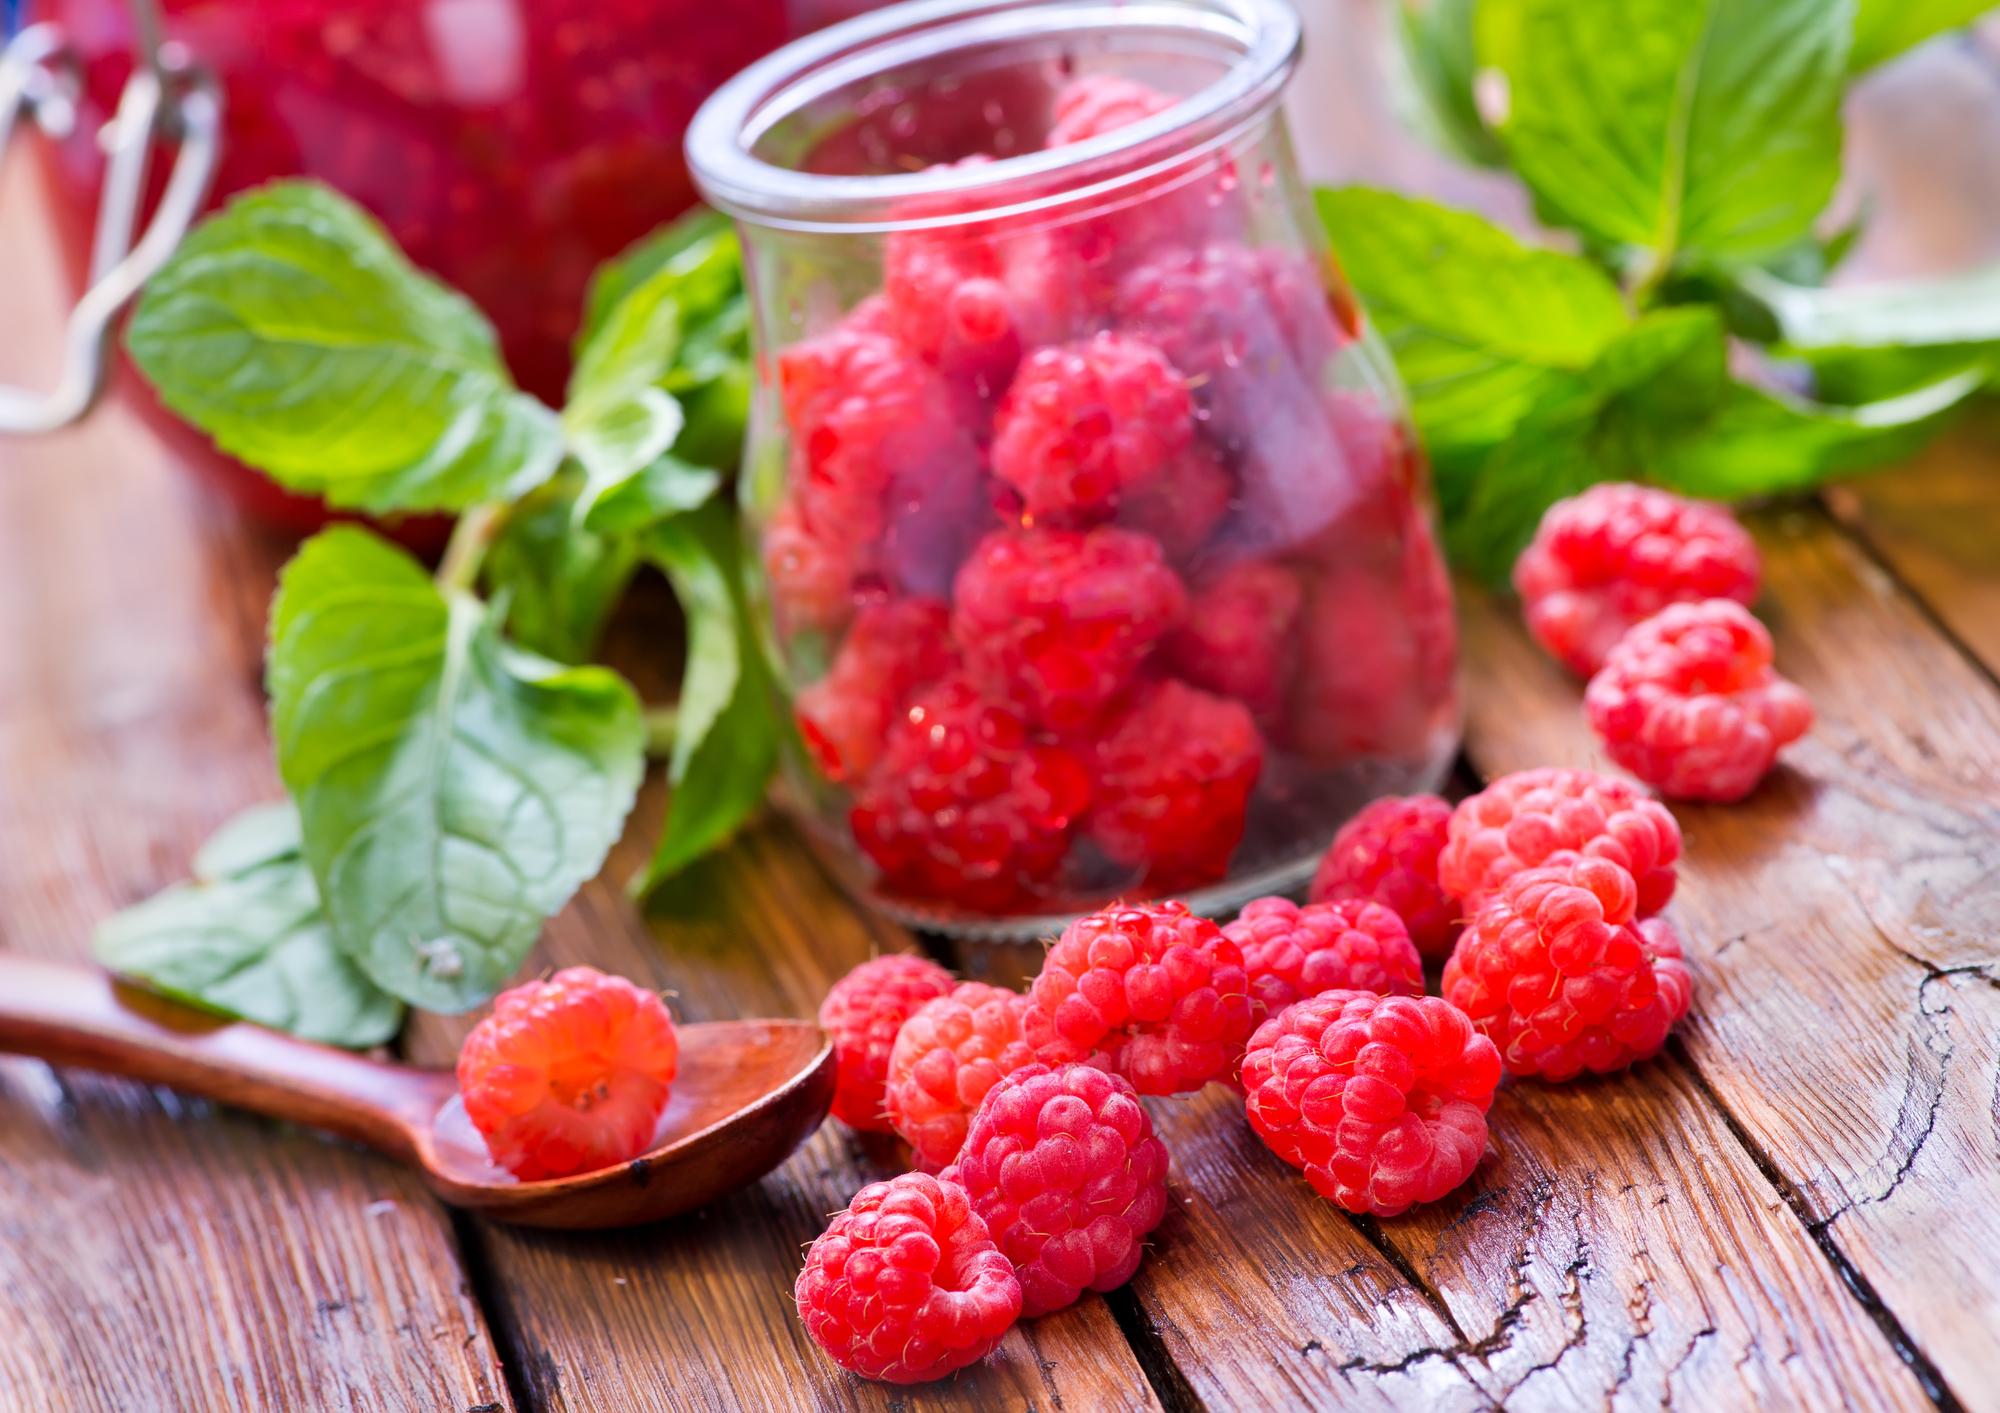 Малиновое варенье на фруктозе и сорбите: полезные рецепты